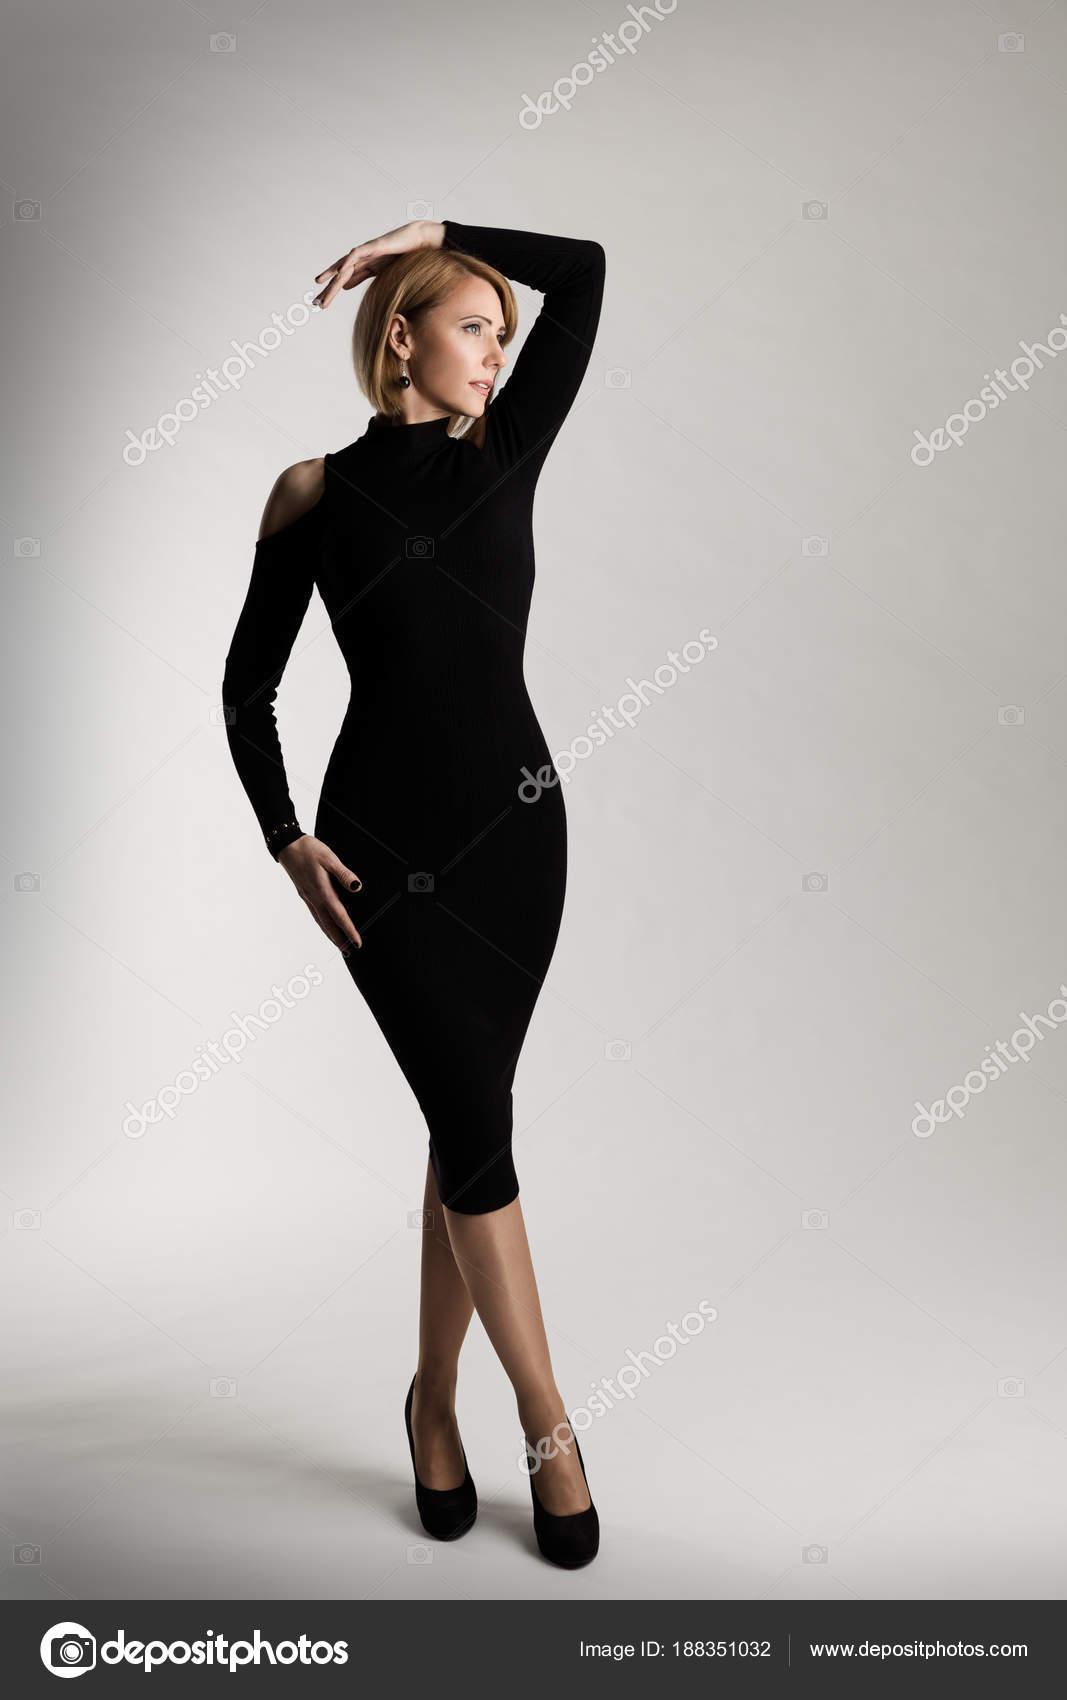 3a81301b0f0c Μόδα μοντέλο μακρύ μαύρο φόρεμα